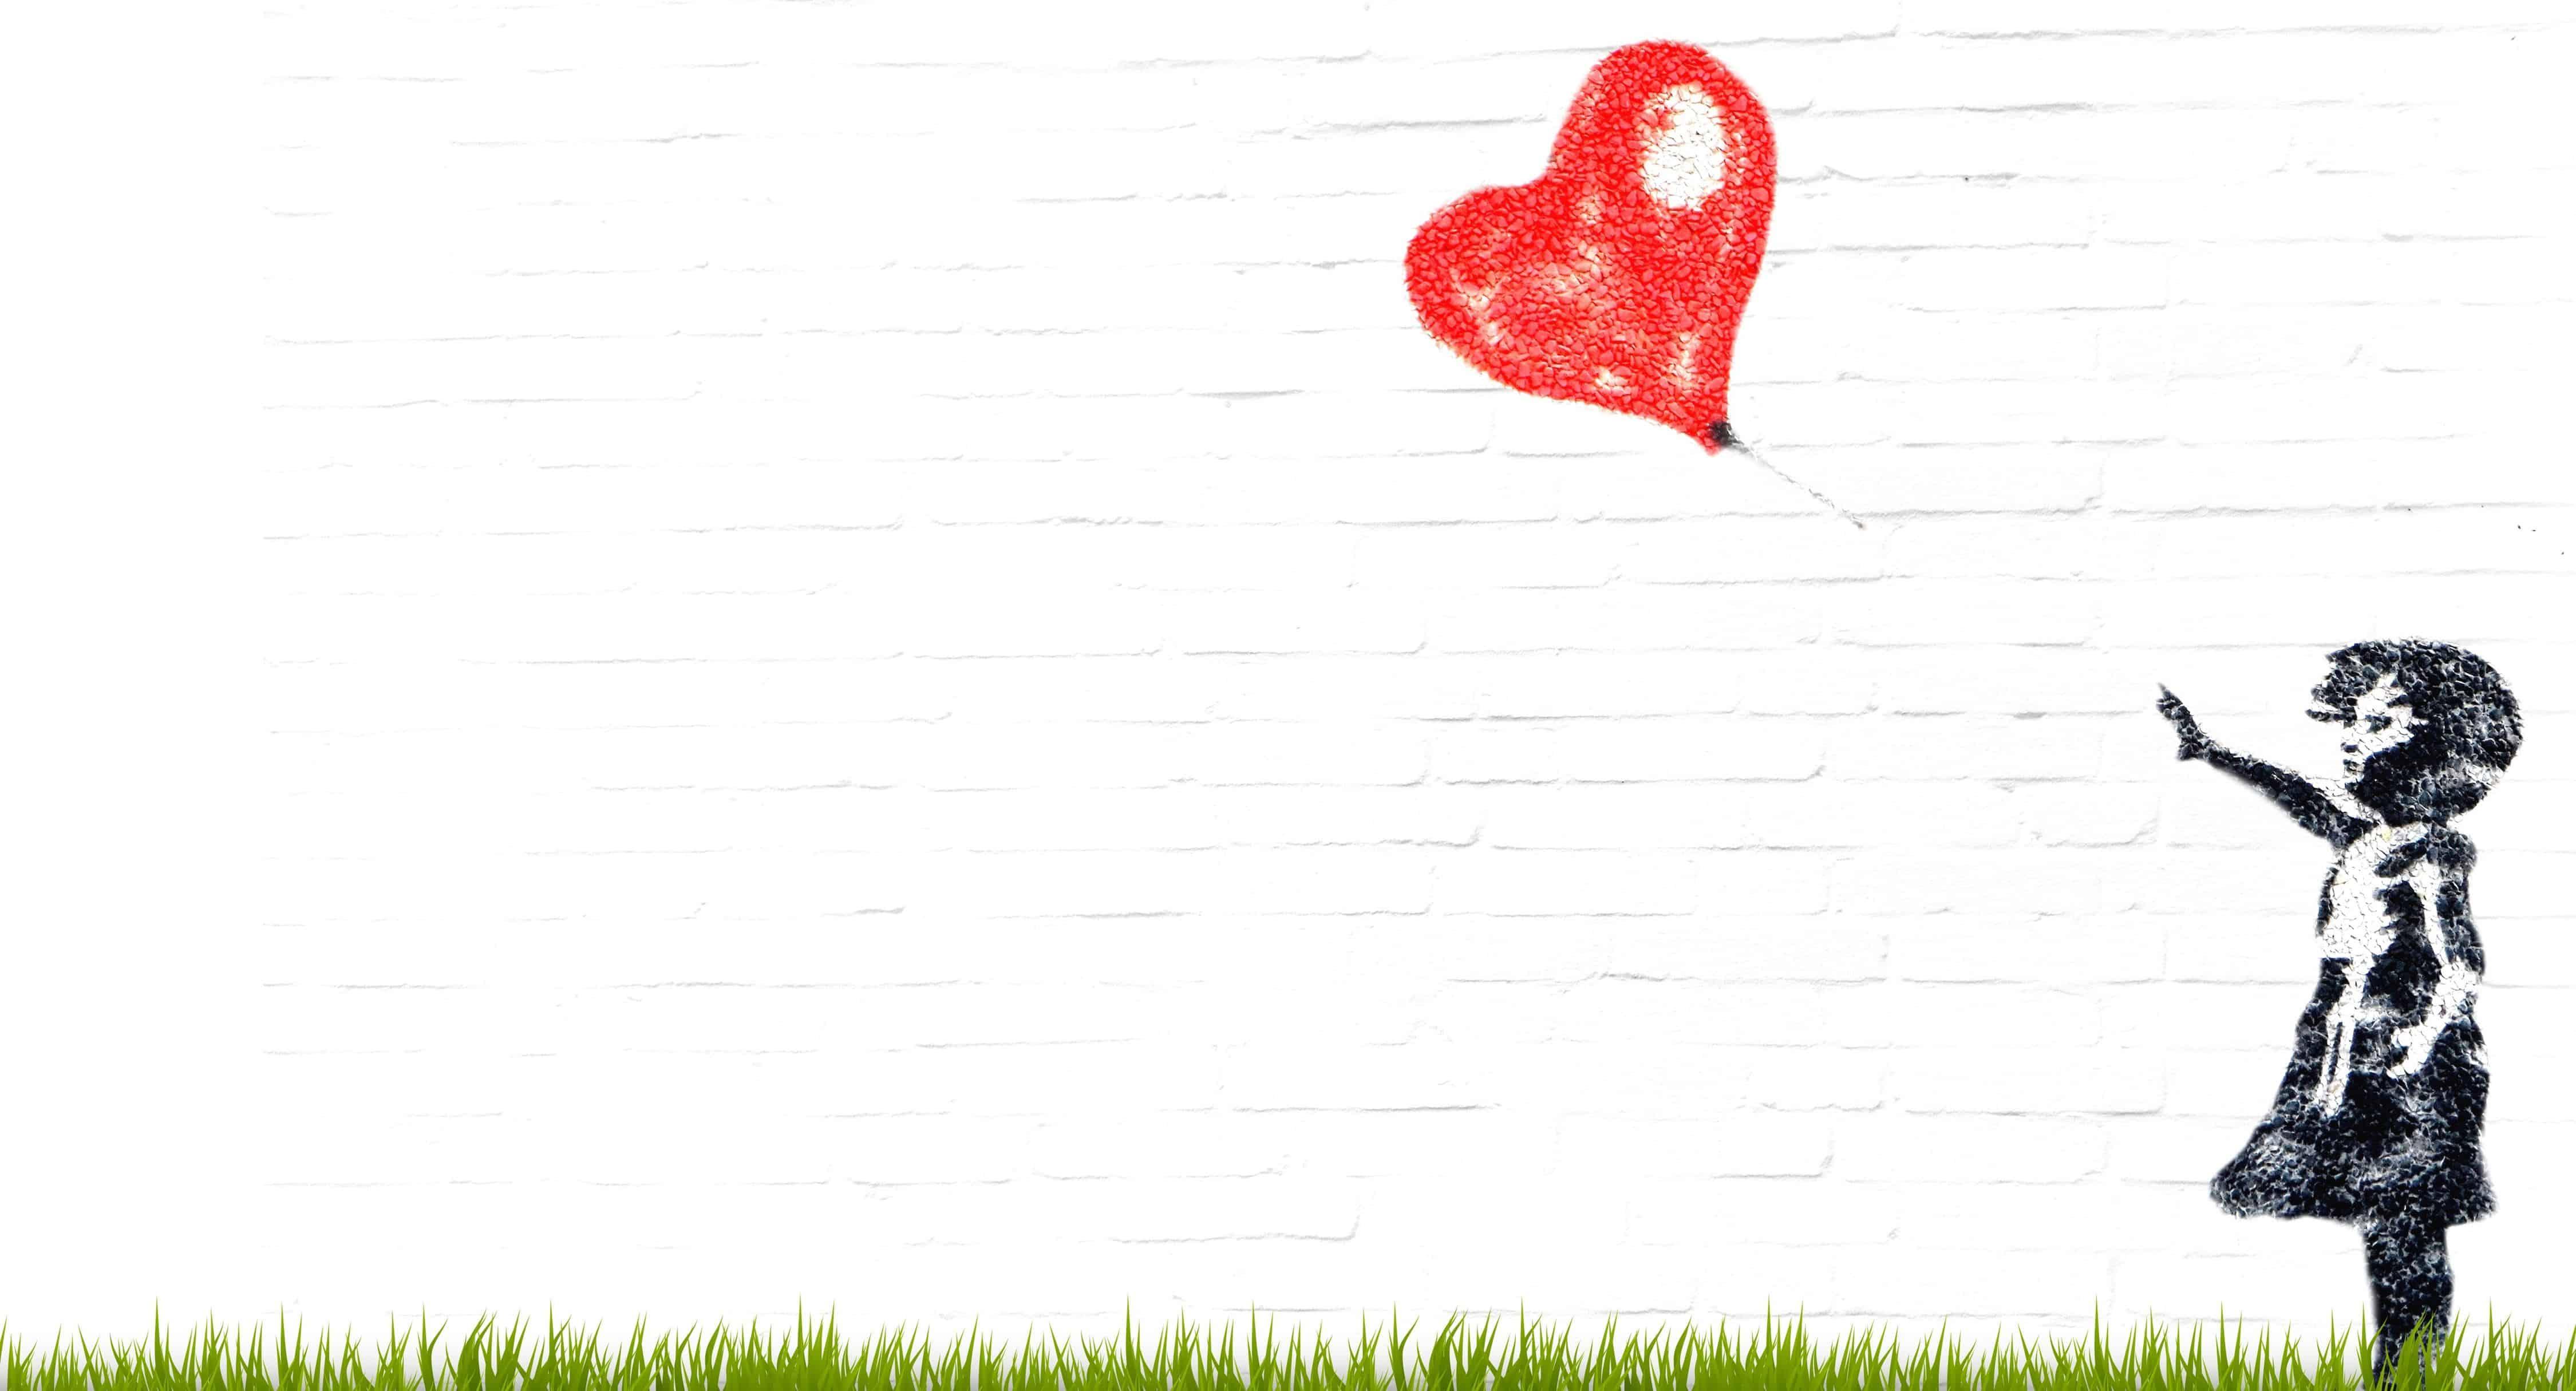 ücretsiz Resim Boyama Fotomontaj Kalp Balon çocuk çocuk Aşk